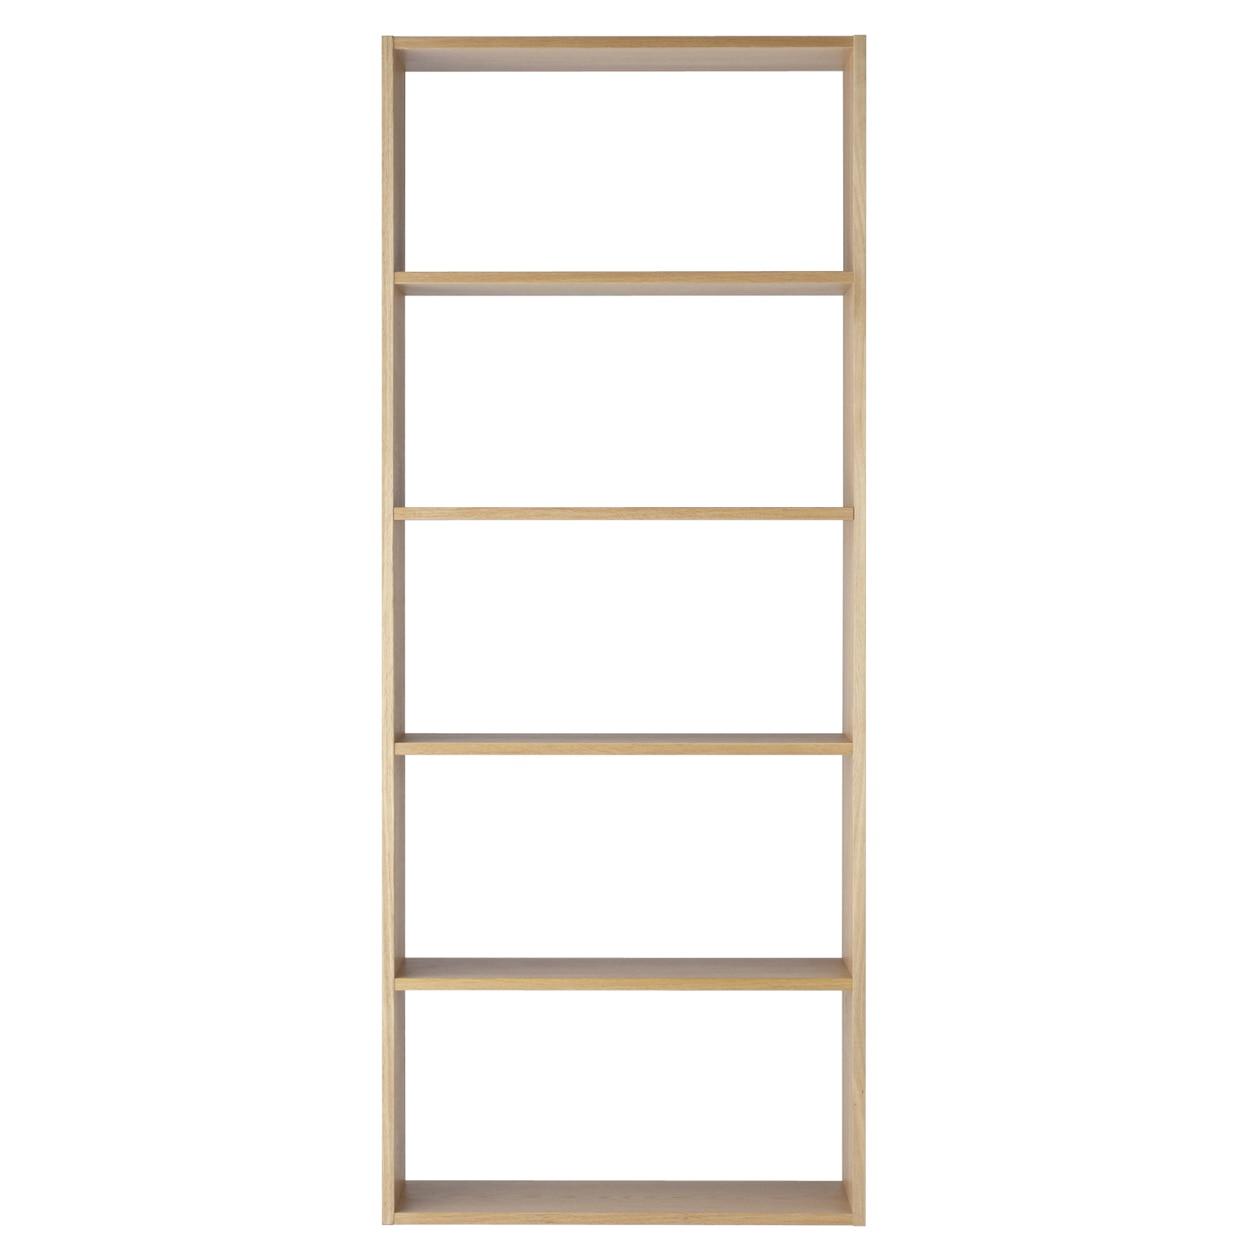 Stacking Shelf Wide Type 5 Shelves Oak W81 5 D28 5 H200cm Muji